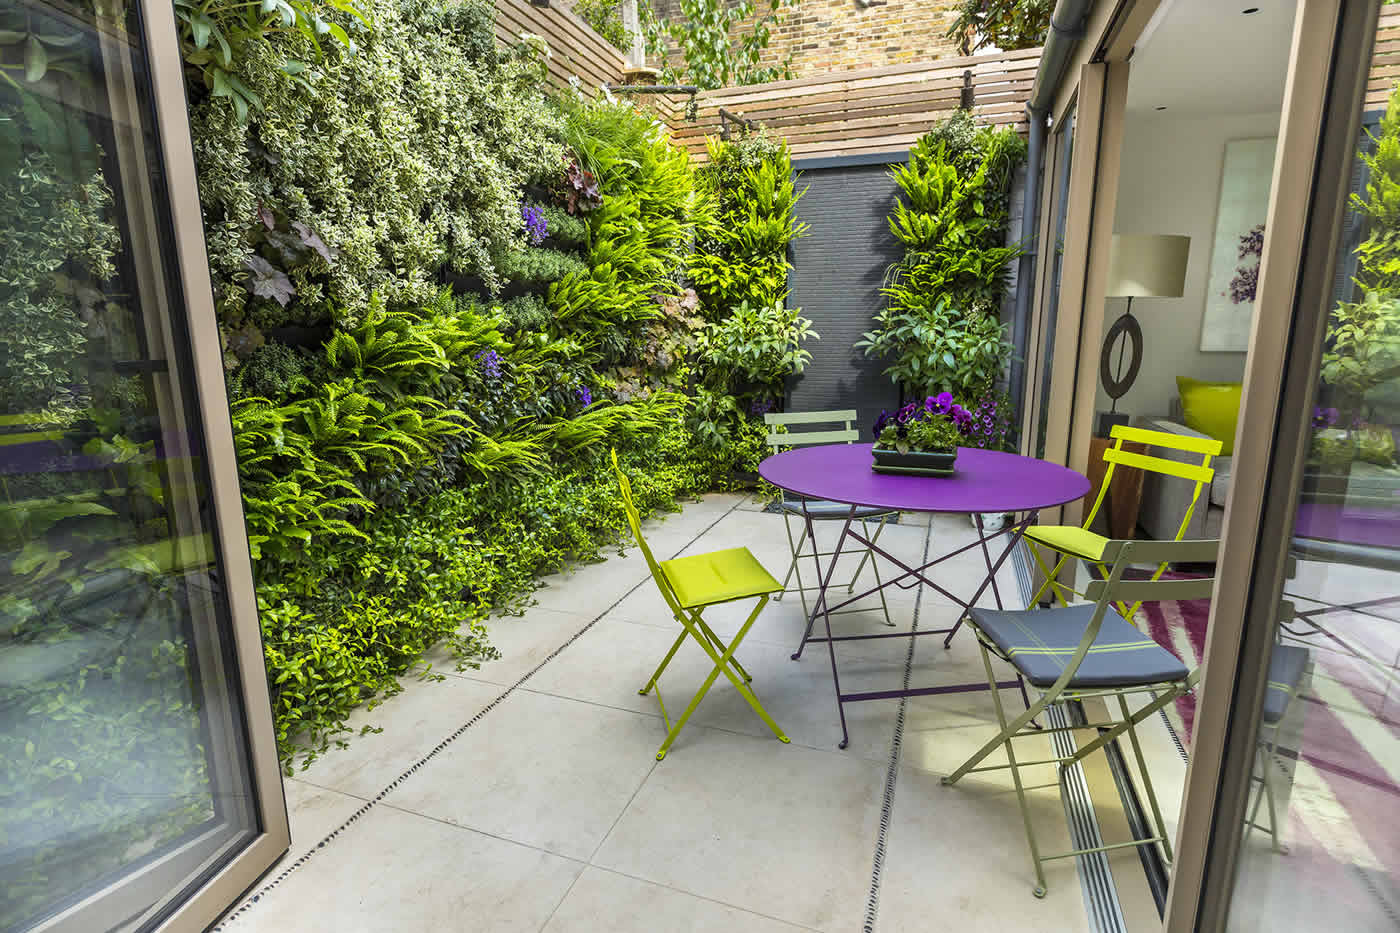 Kensington courtyard garden design living green walls for Garden courtyard designs